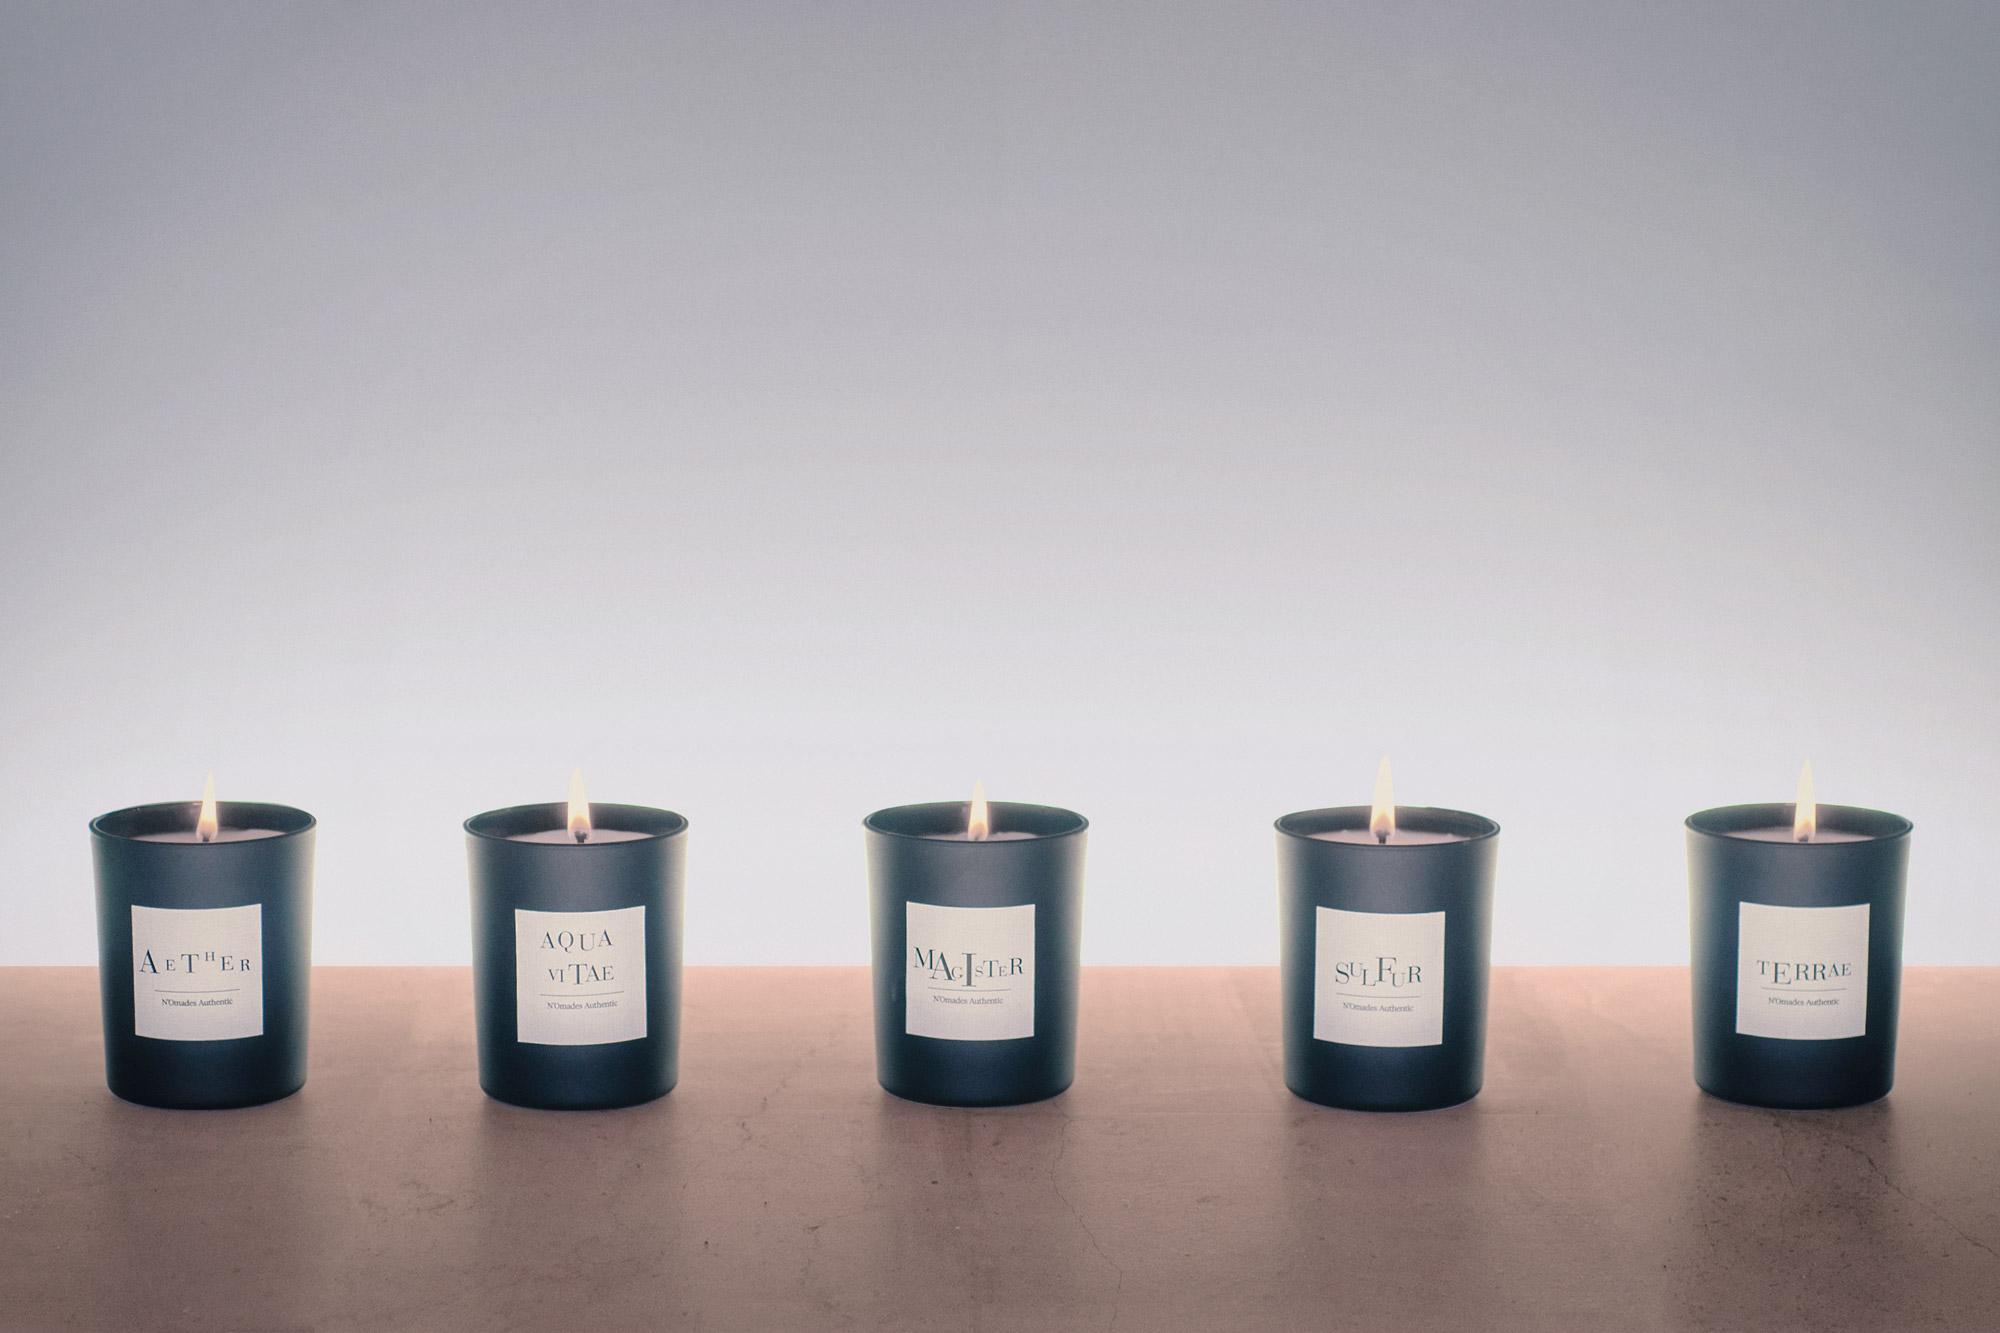 photographie publicitaire pour une gamme de bougies